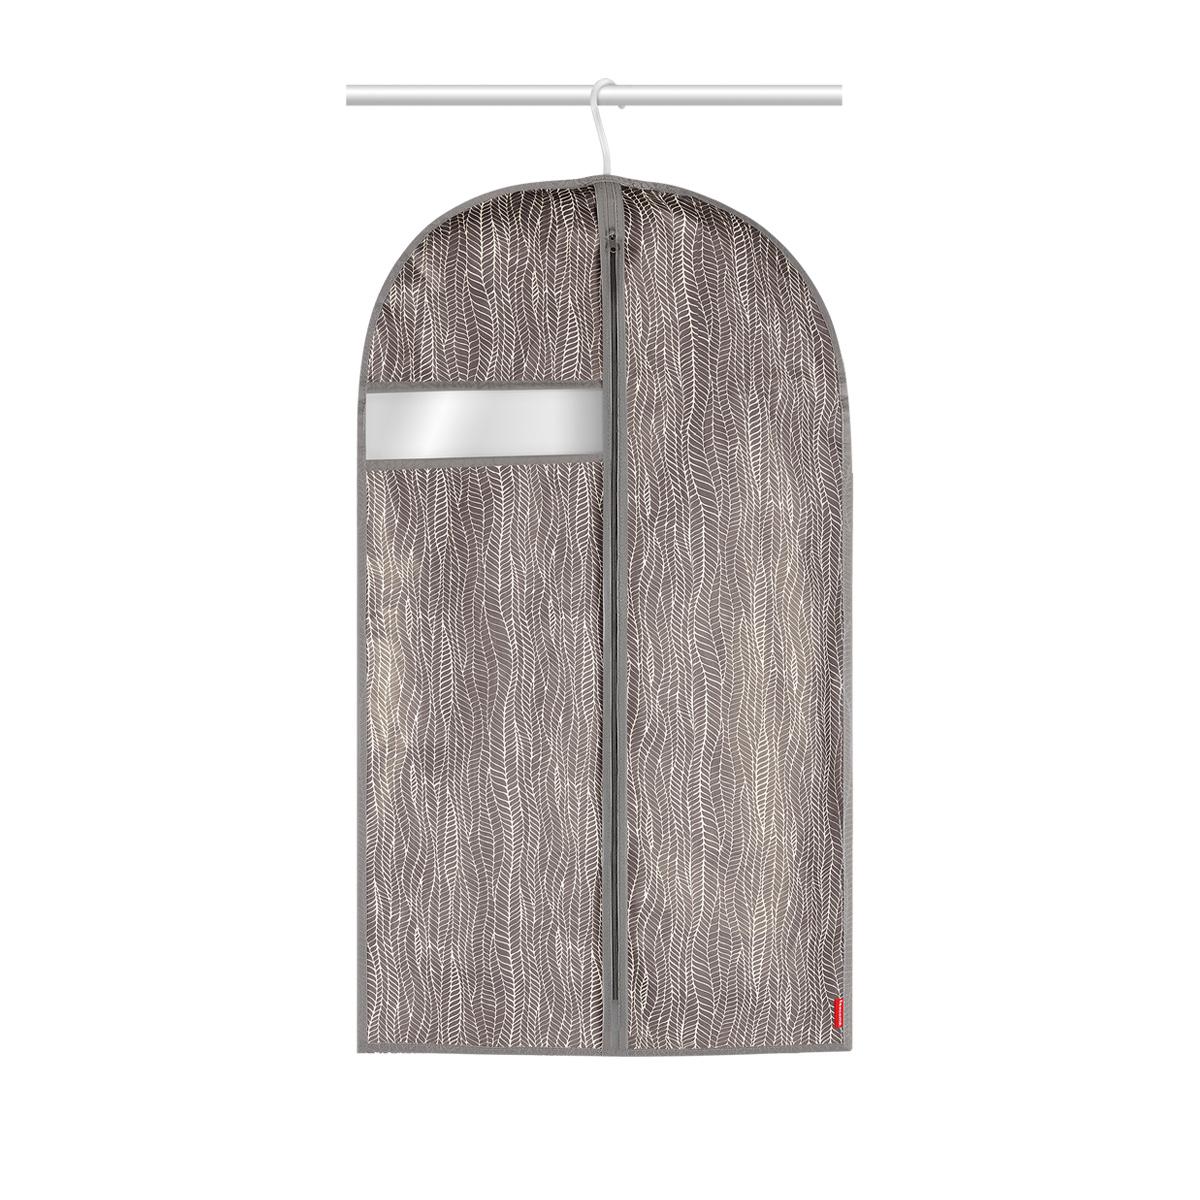 Obal na oblek FANCY HOME 100 x 60 cm